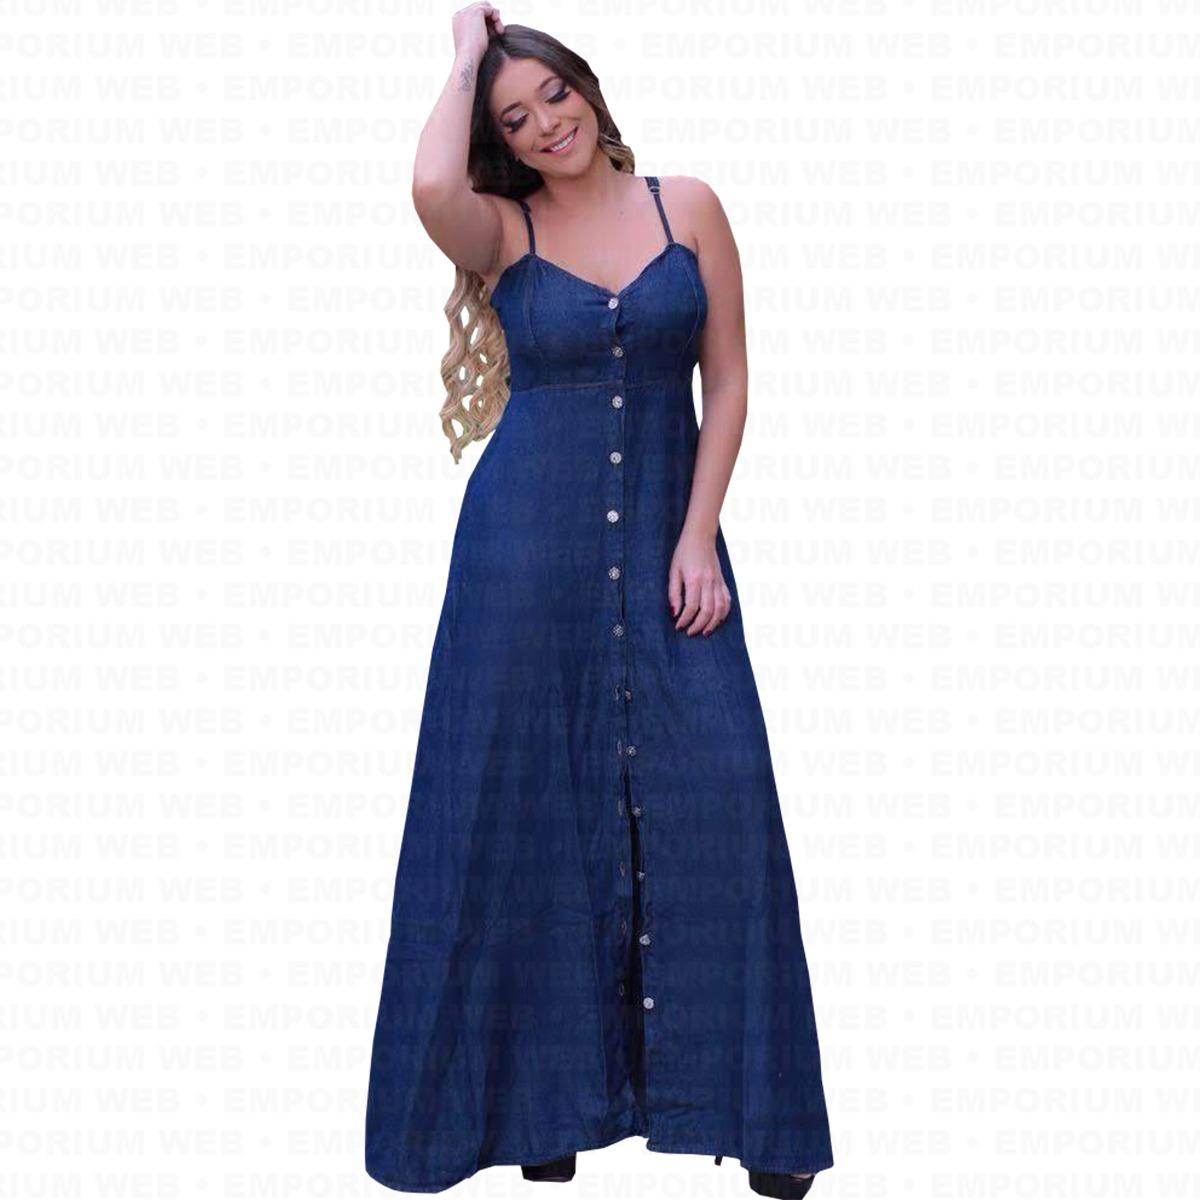 448721f76 vestido feminino jeans longo alcinha tendência moda momento. Carregando  zoom.